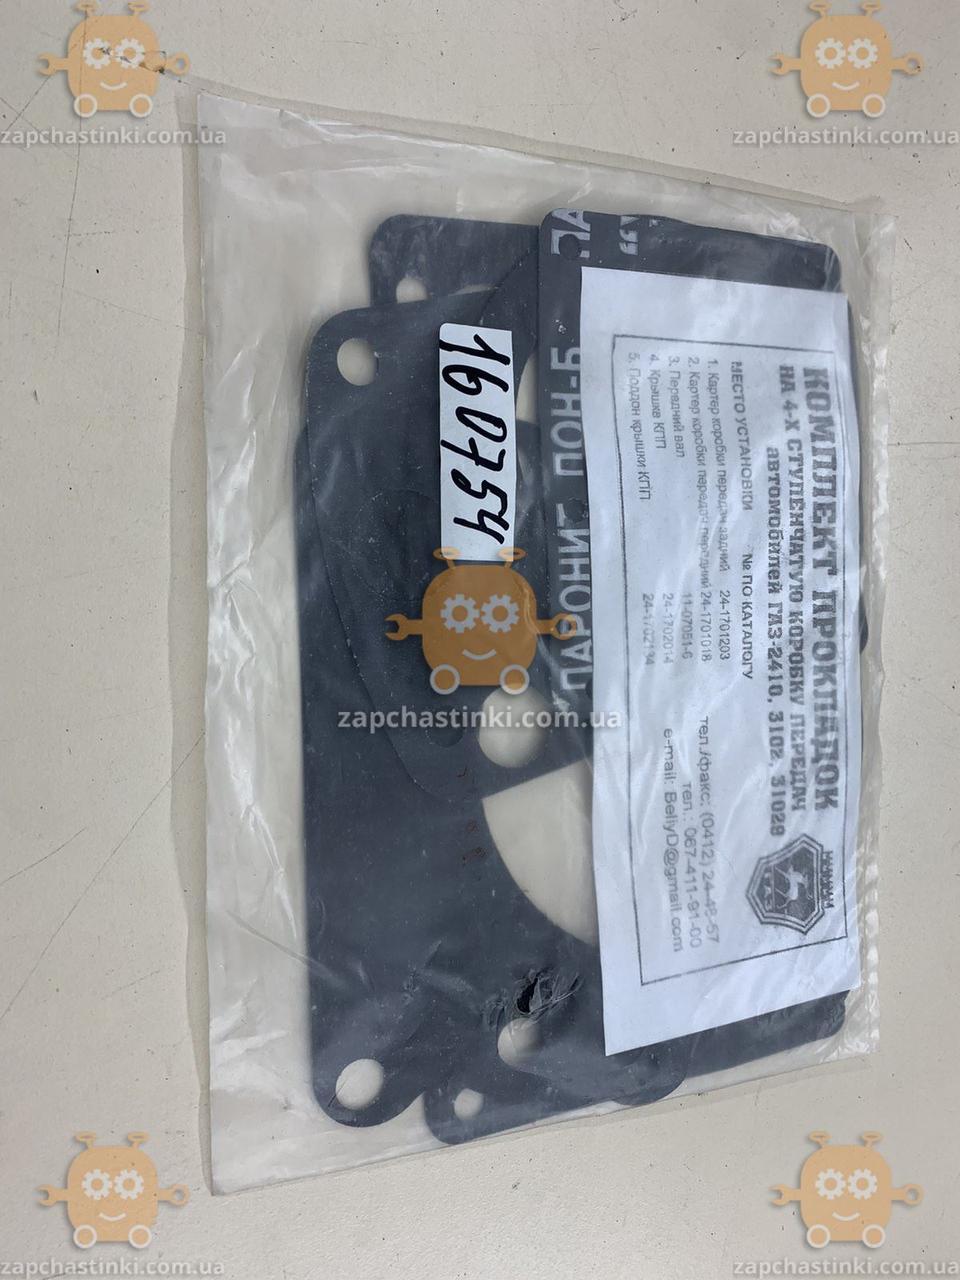 Прокладки 5-ступенчатой КПП ВОЛГА (комплект) паронит (пр-во Украина) М 3832643